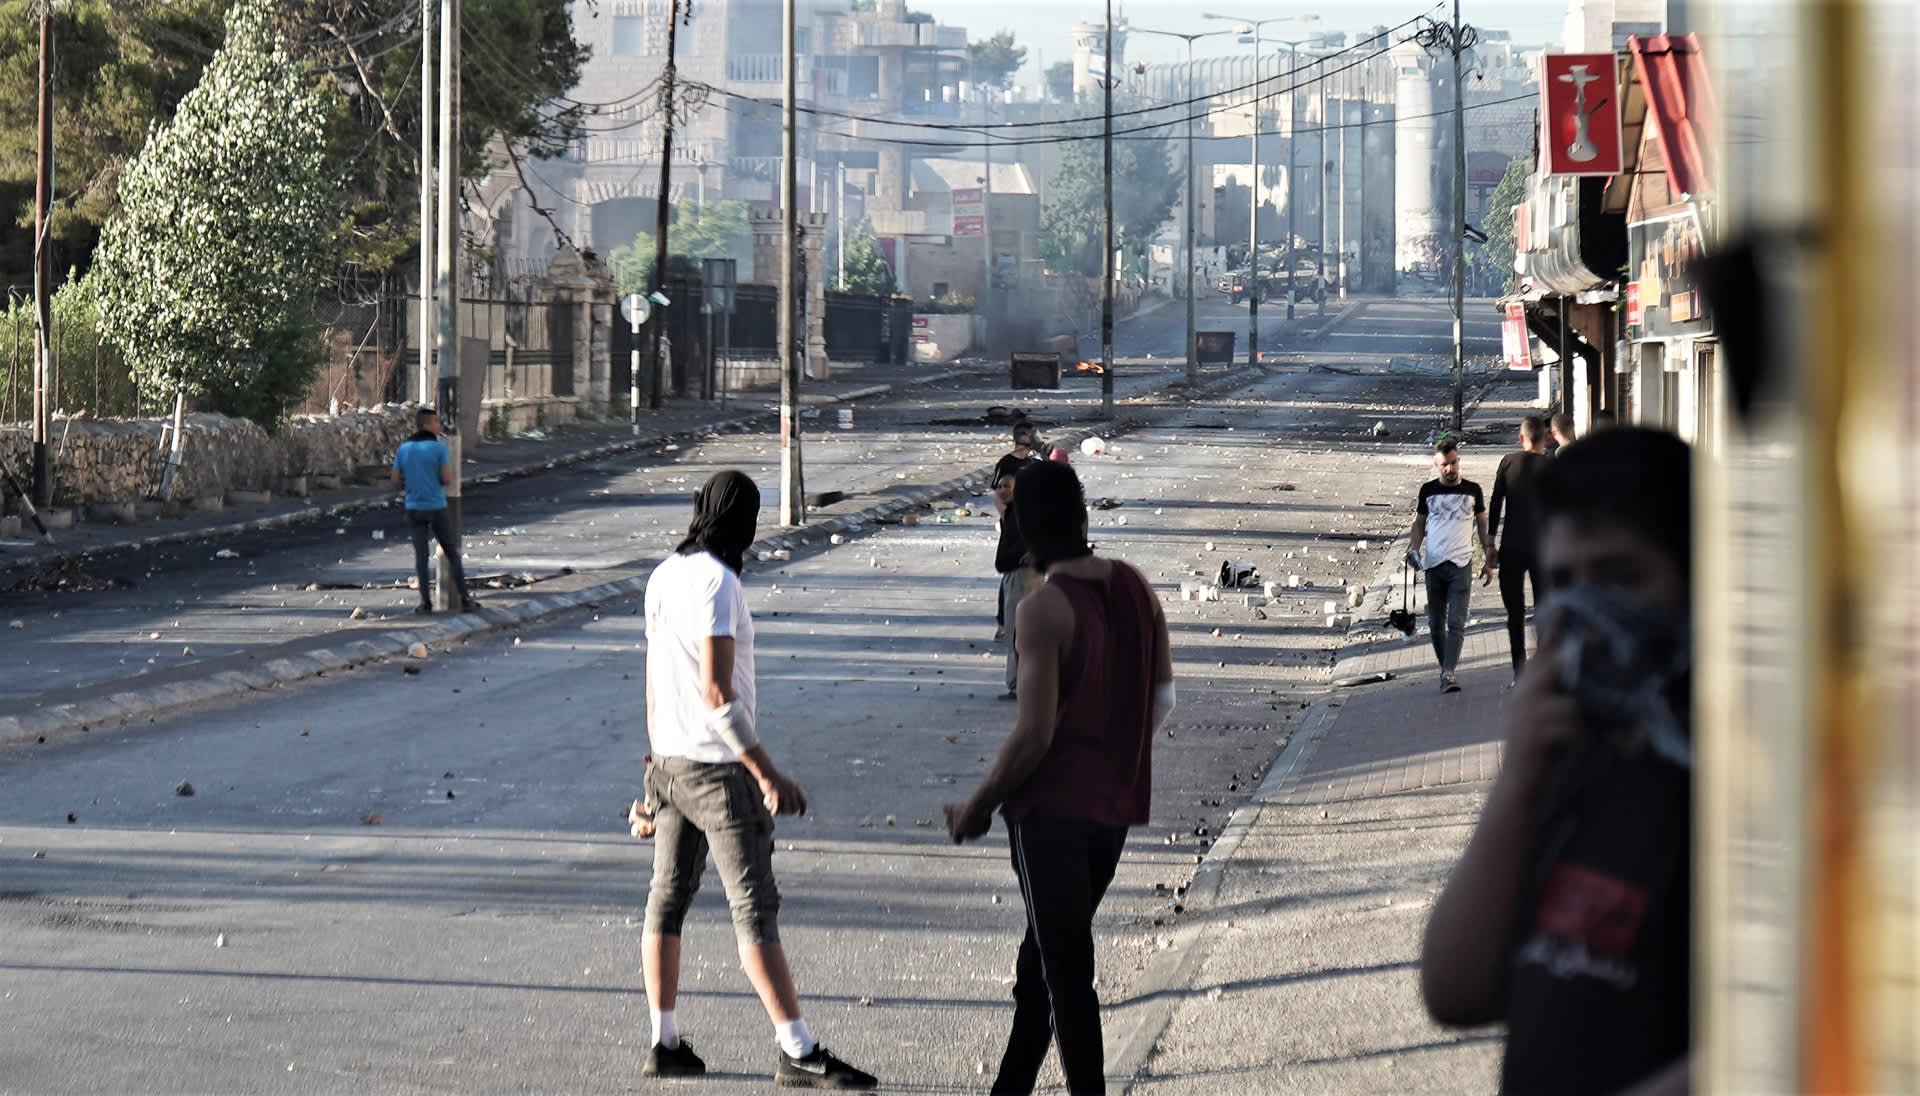 Palestiinalaisnuoriso otti yhteen Israelin armeijan kanssa Betlehemissä Länsirannalla. Sotilaat ampuivat muun muassa kyynelkaasua.